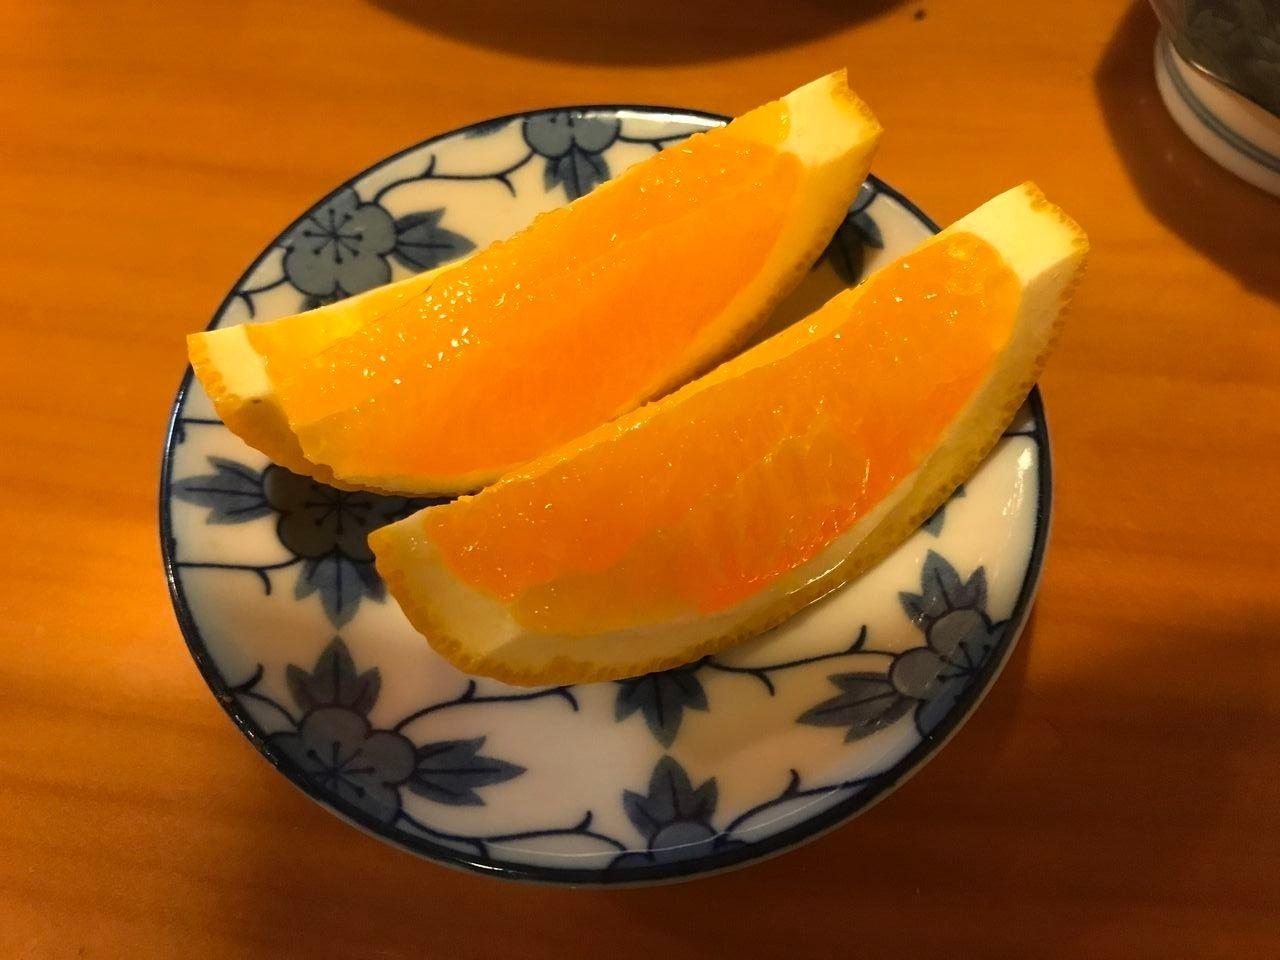 行徳のみちお亭のランチデザート